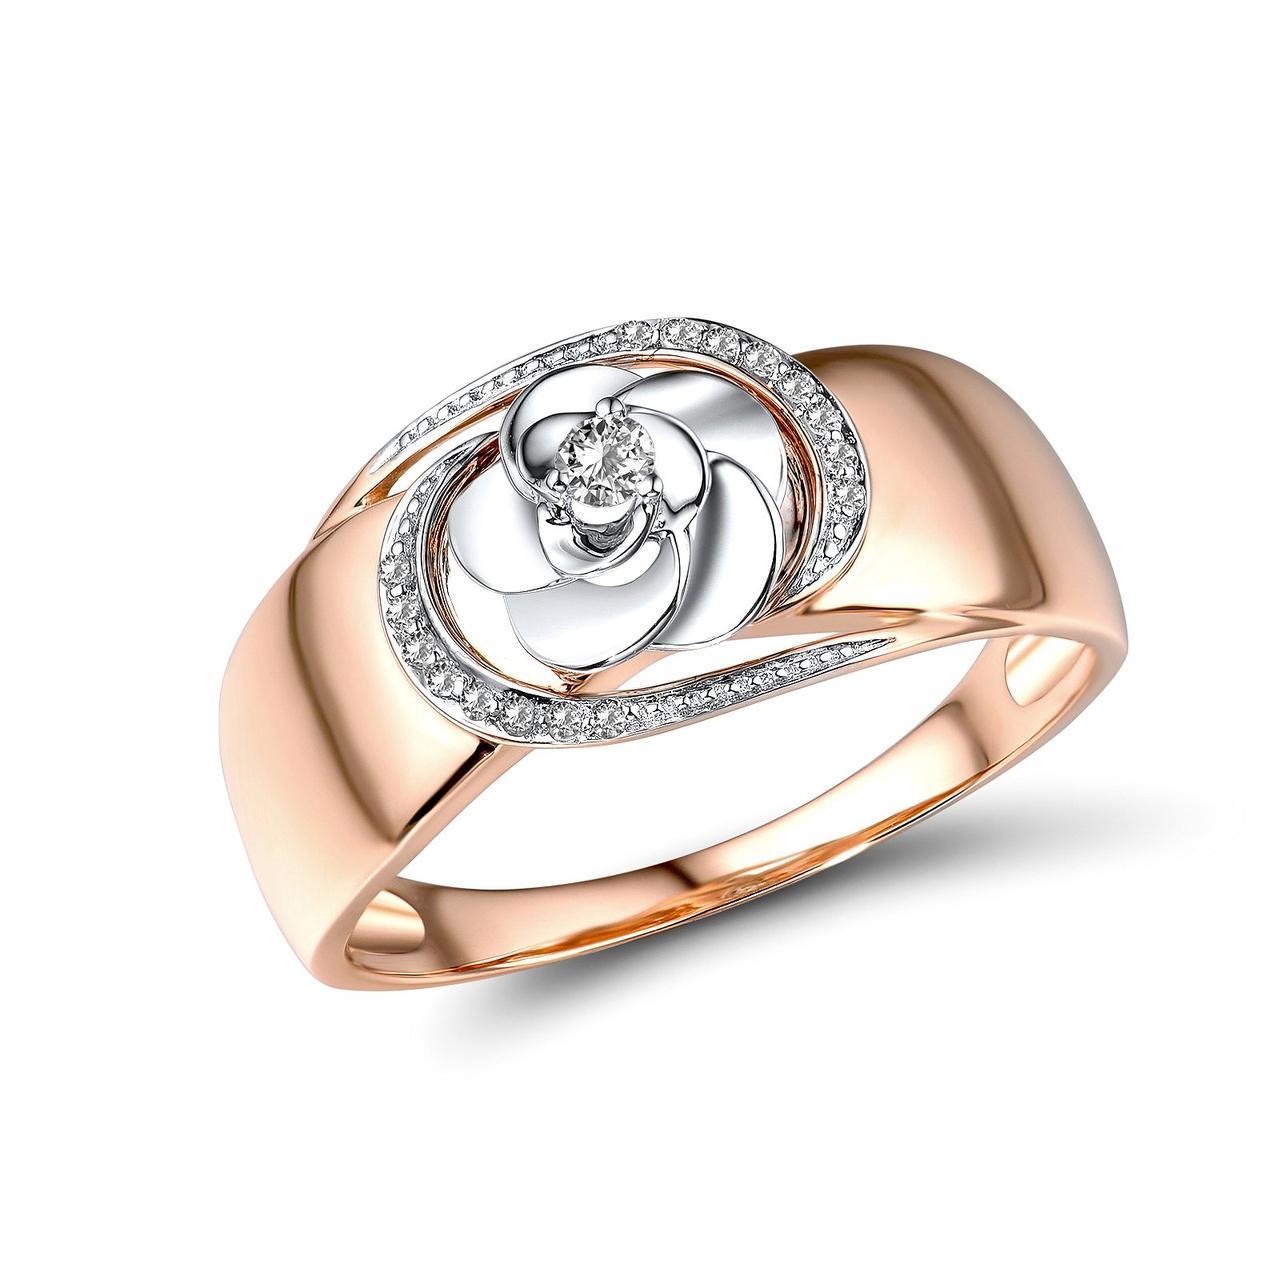 Золотое кольцо с бриллиантами, размер 18 (1719054)